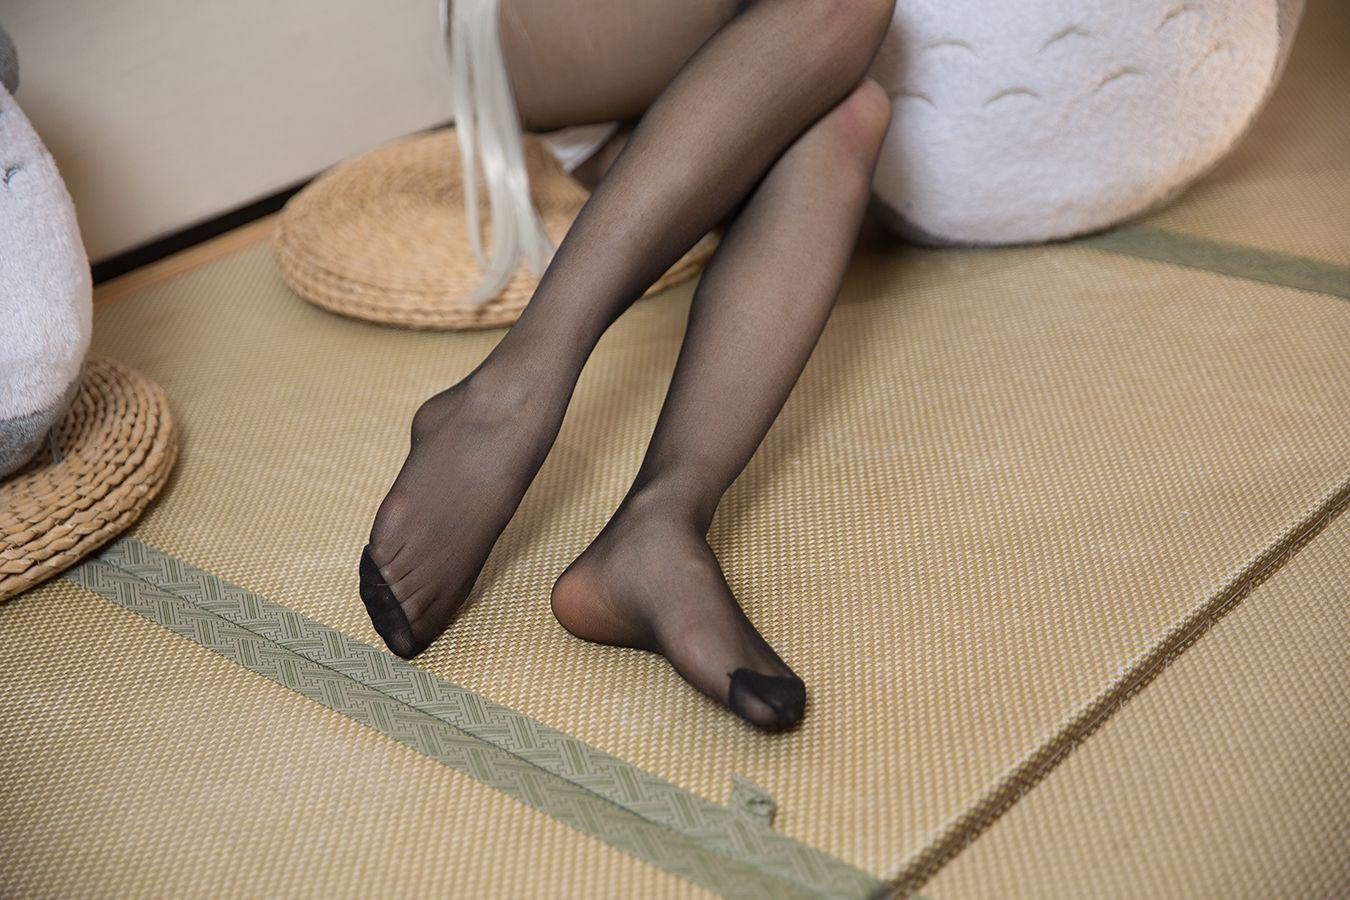 4MIZ-067大胸瓜子脸美少妇露内裤美腿